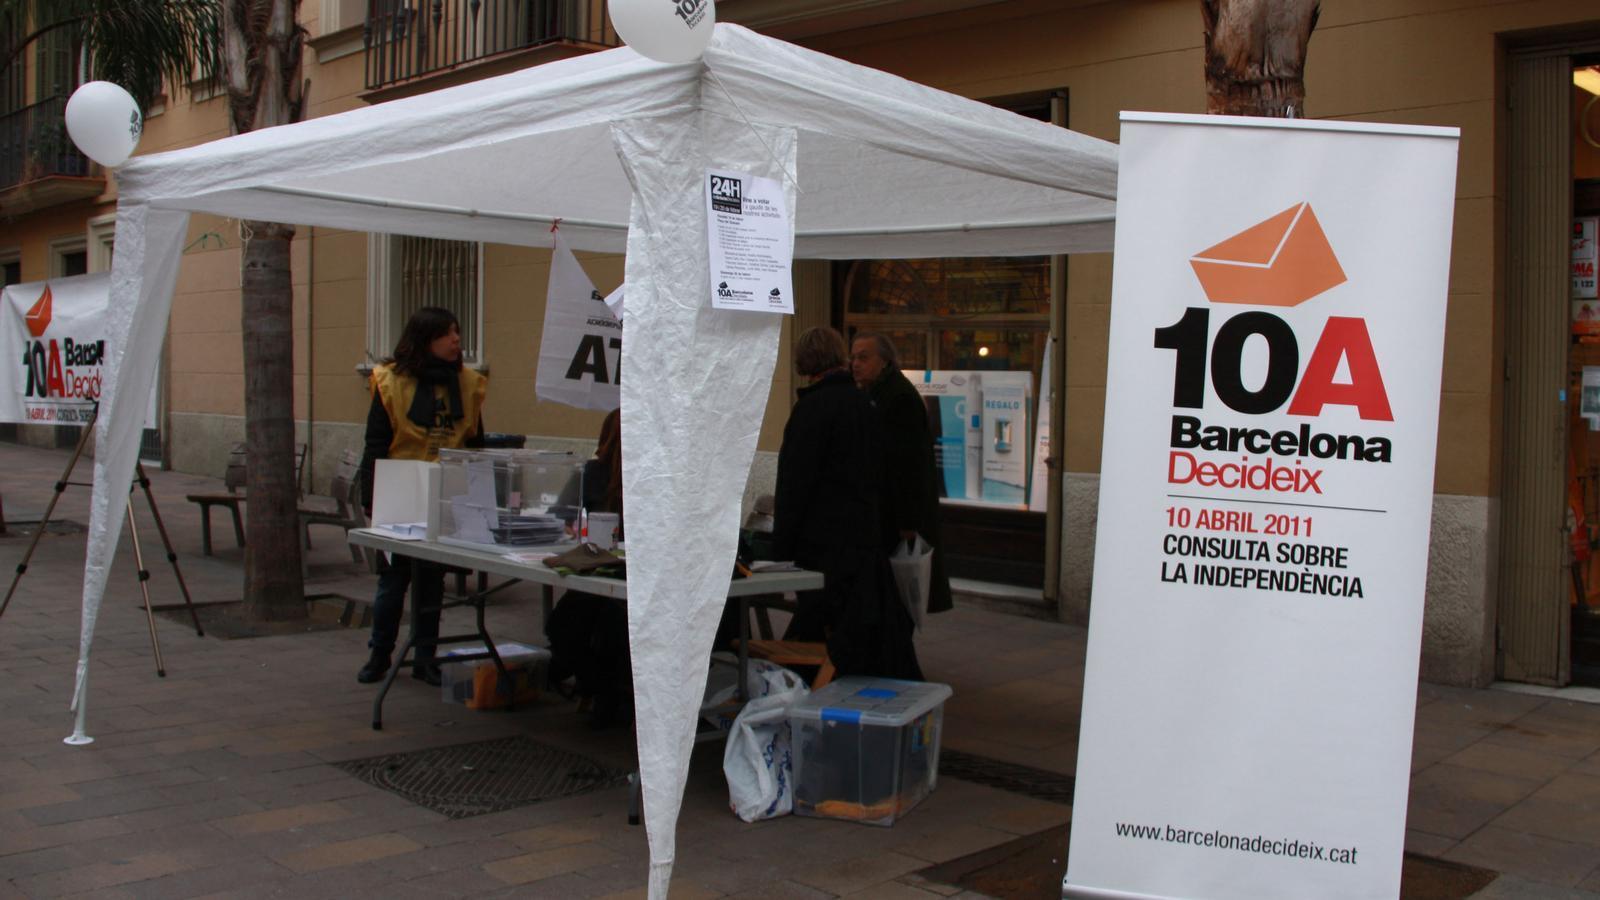 Una de les meses ubicades a Gràcia per recollir el vot anticipat per a la consulta sobiranista de Barcelona del 10 d'abril a Barcelona.